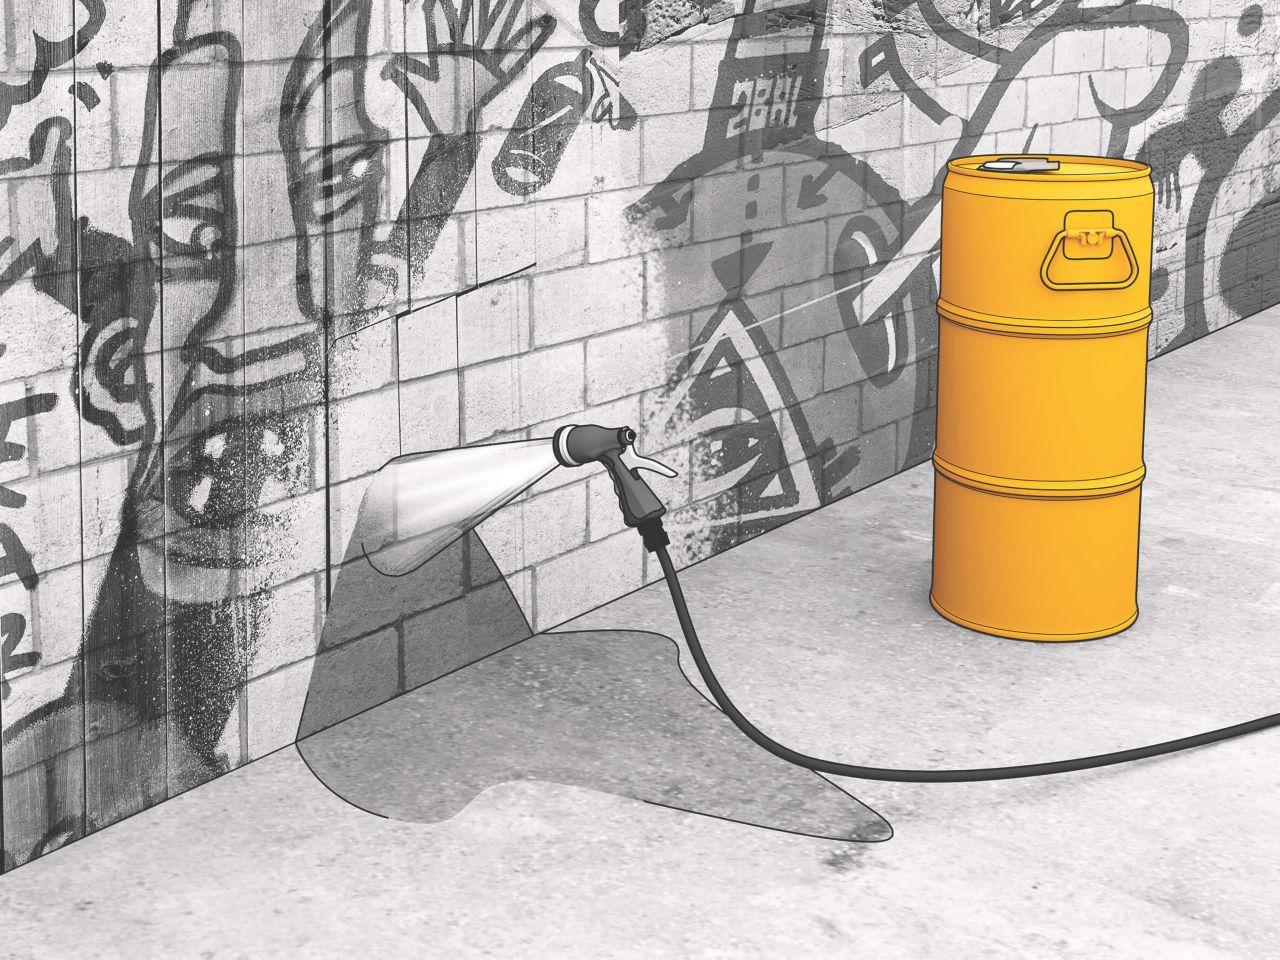 Anti graffiti concrete protection